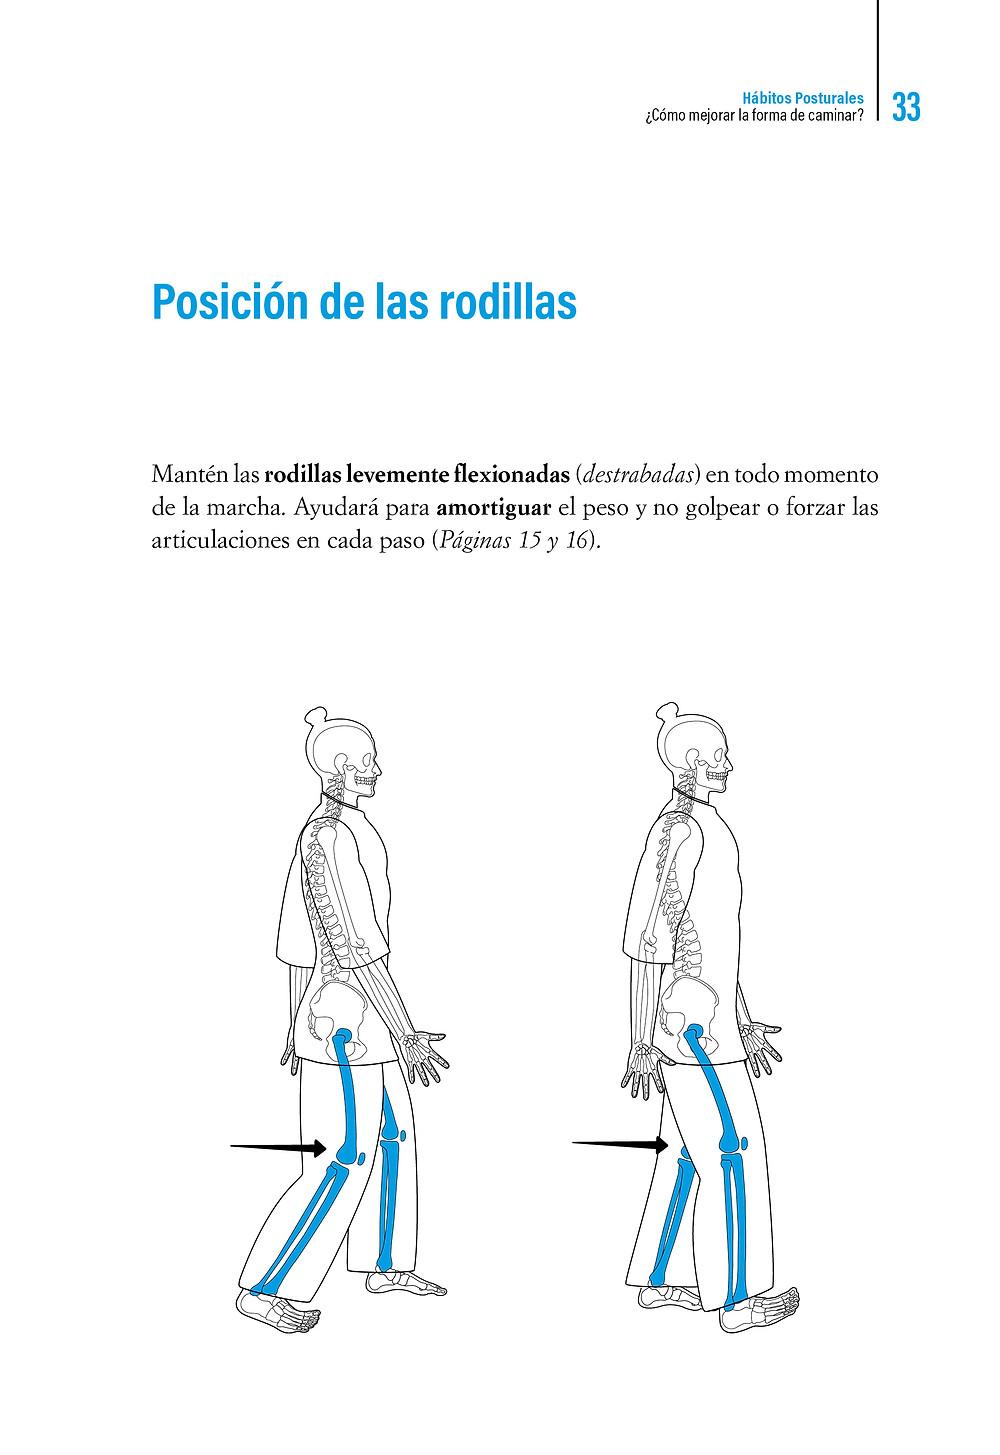   Libro Hábitos Posturales Posición de las rodillas al caminar